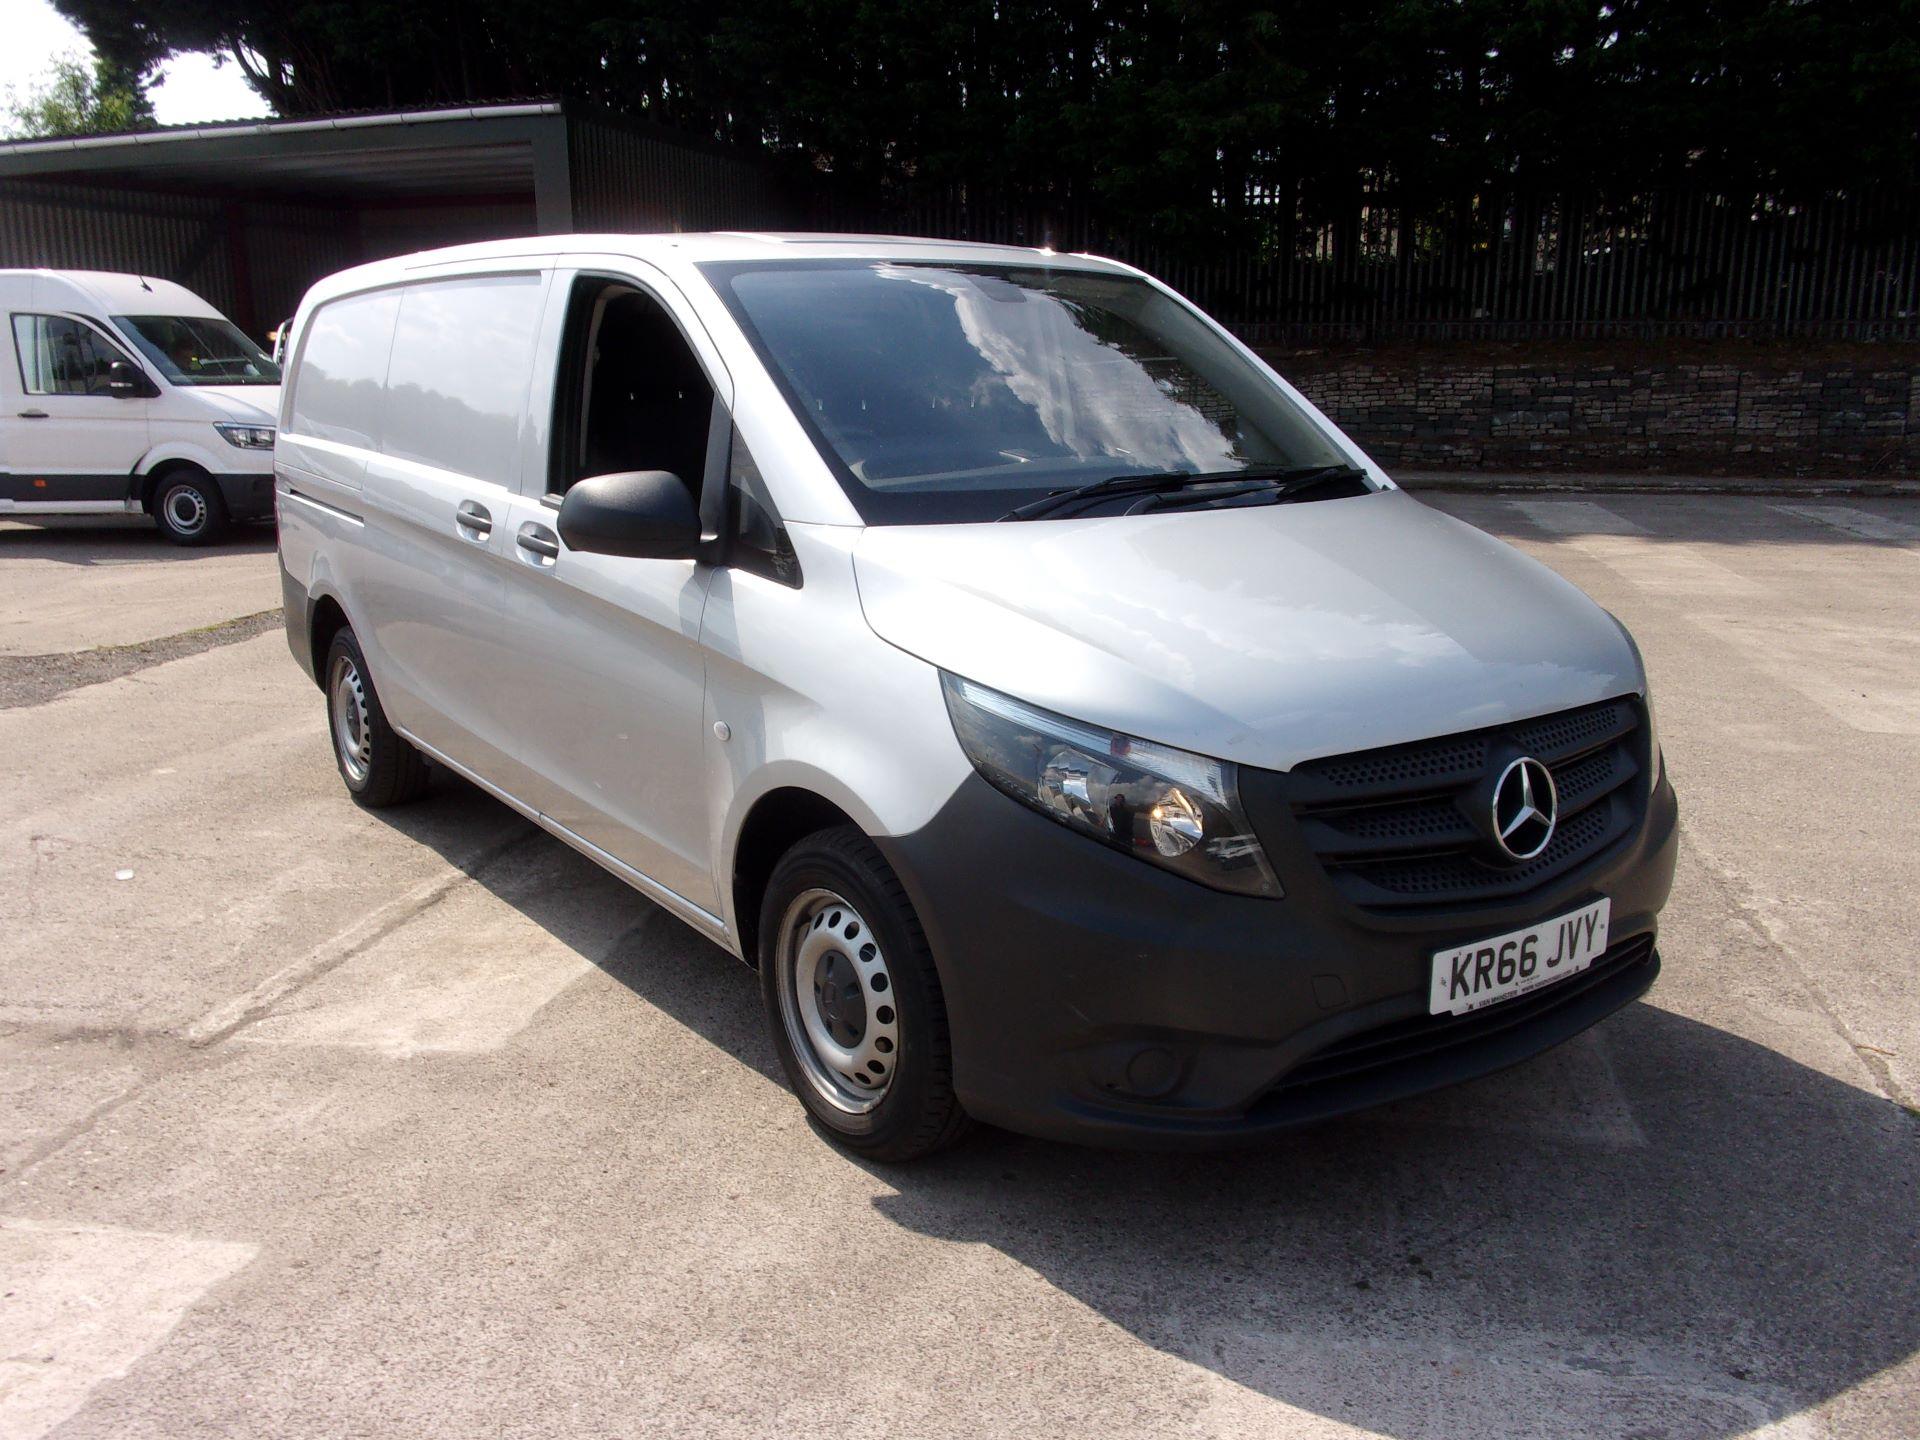 2016 Mercedes-Benz Vito LONG 114 CDI BLUETEC VAN EURO 6 (KR66JVY)